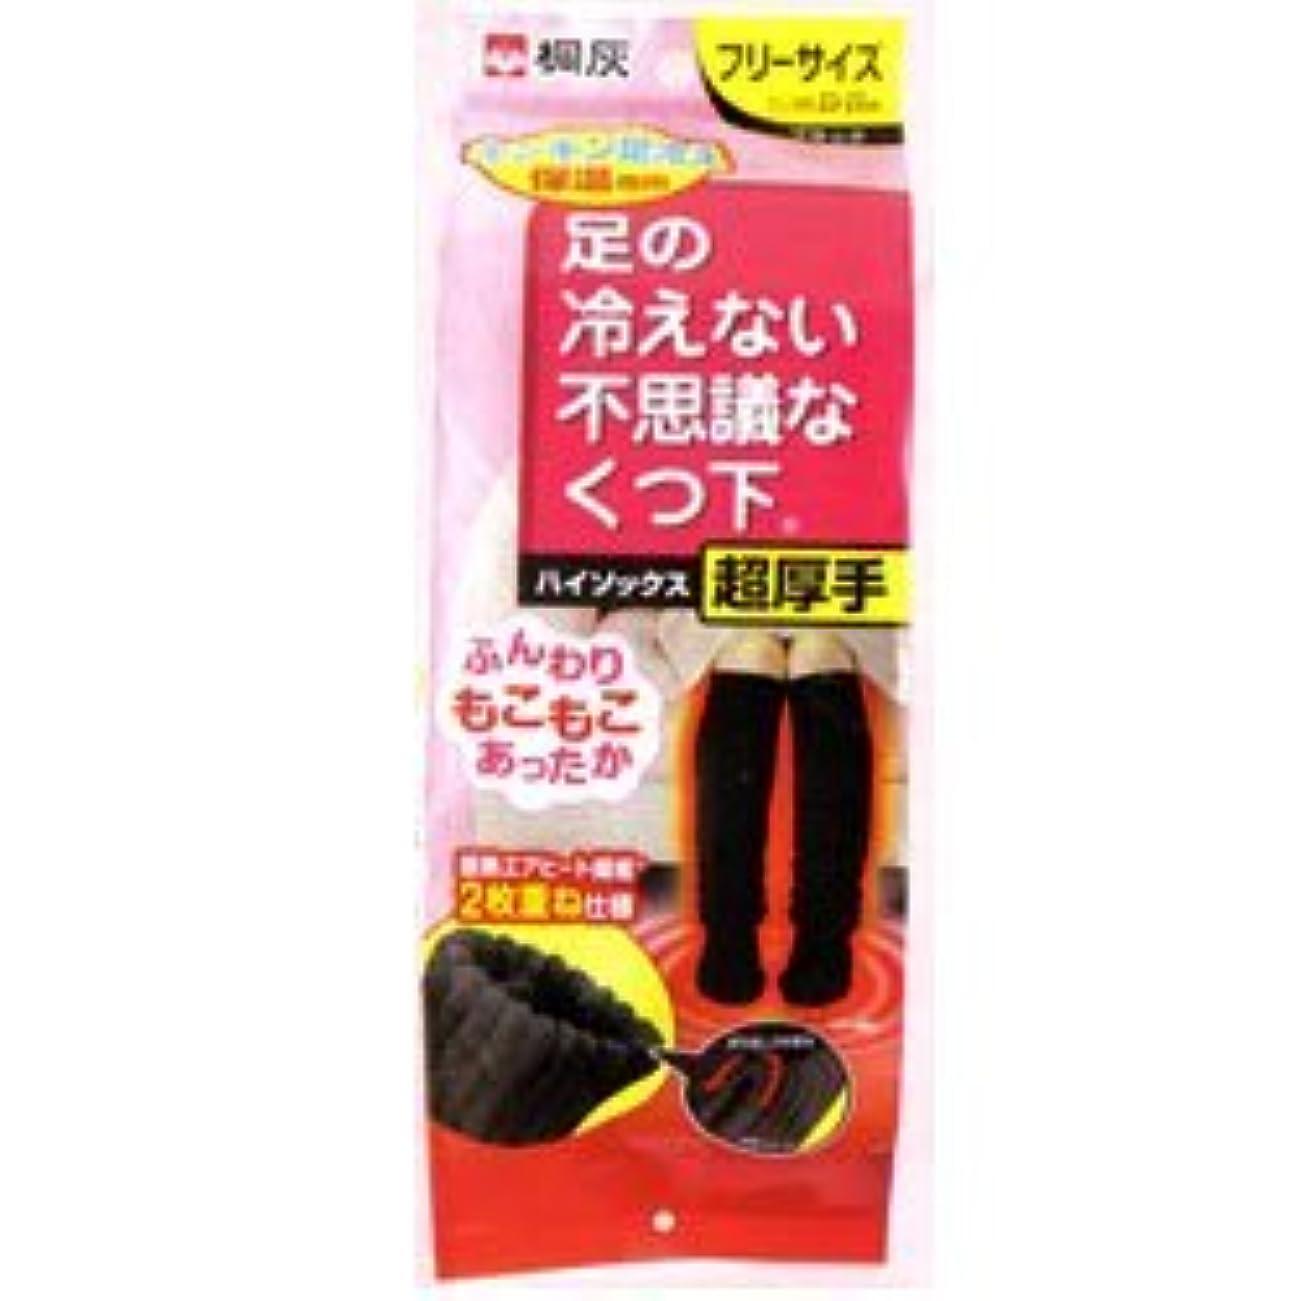 忠実なインキュバスすずめ【桐灰化学】足の冷えない不思議な靴下 ハイソックス 超厚手 ブラック フリーサイズ 1足分 ×3個セット